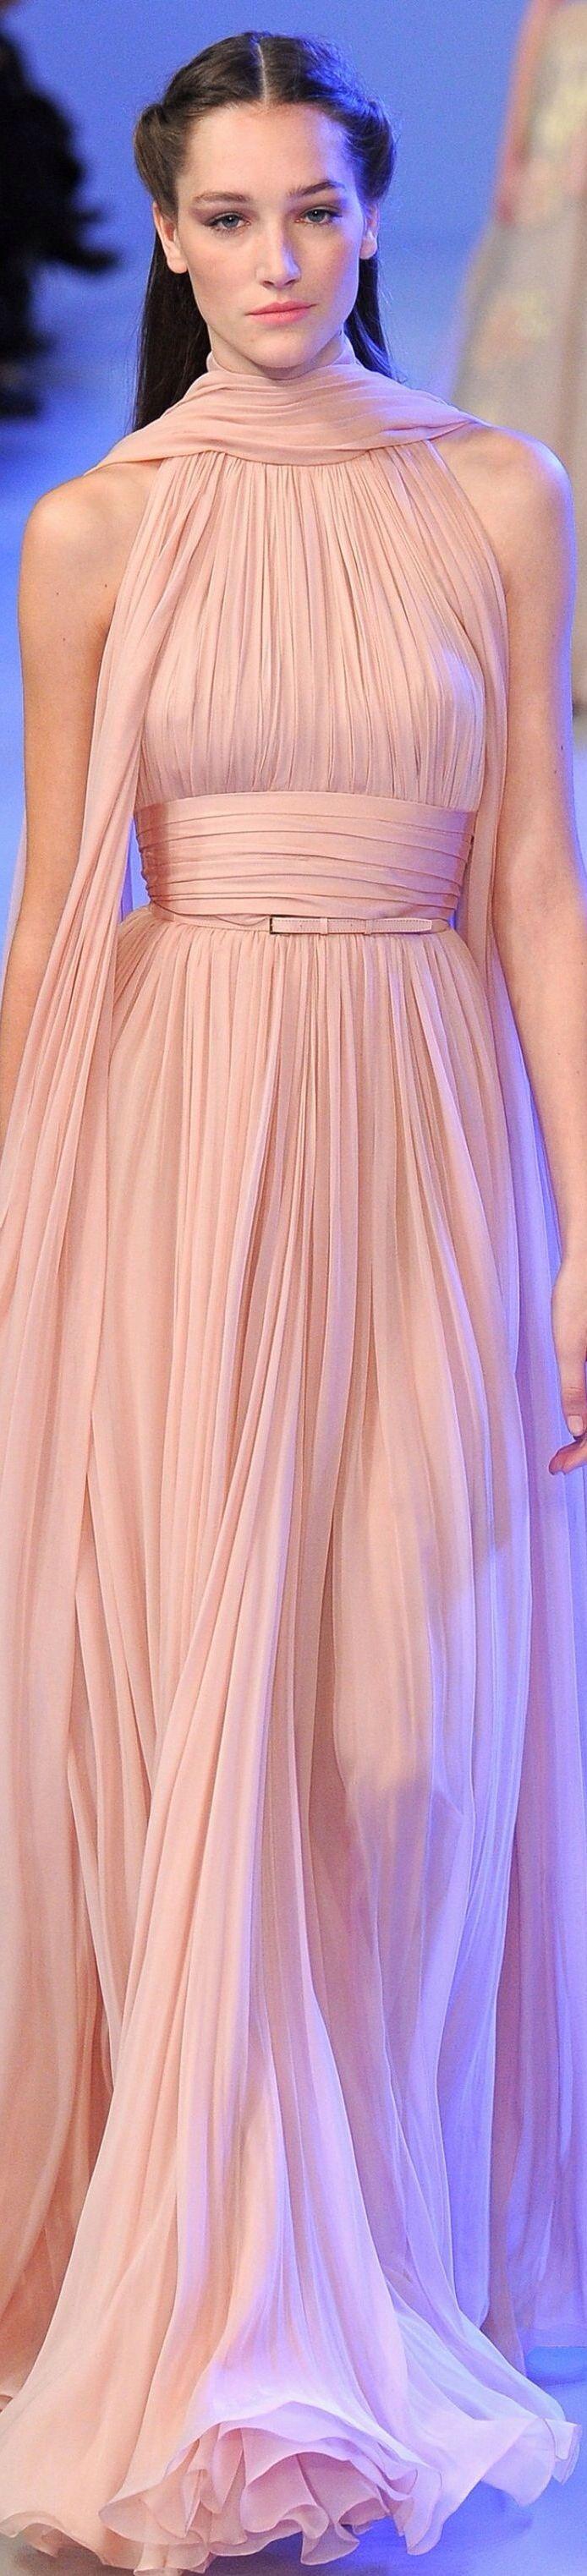 pastell hochzeit kleider pastell rosa 2074165. Black Bedroom Furniture Sets. Home Design Ideas